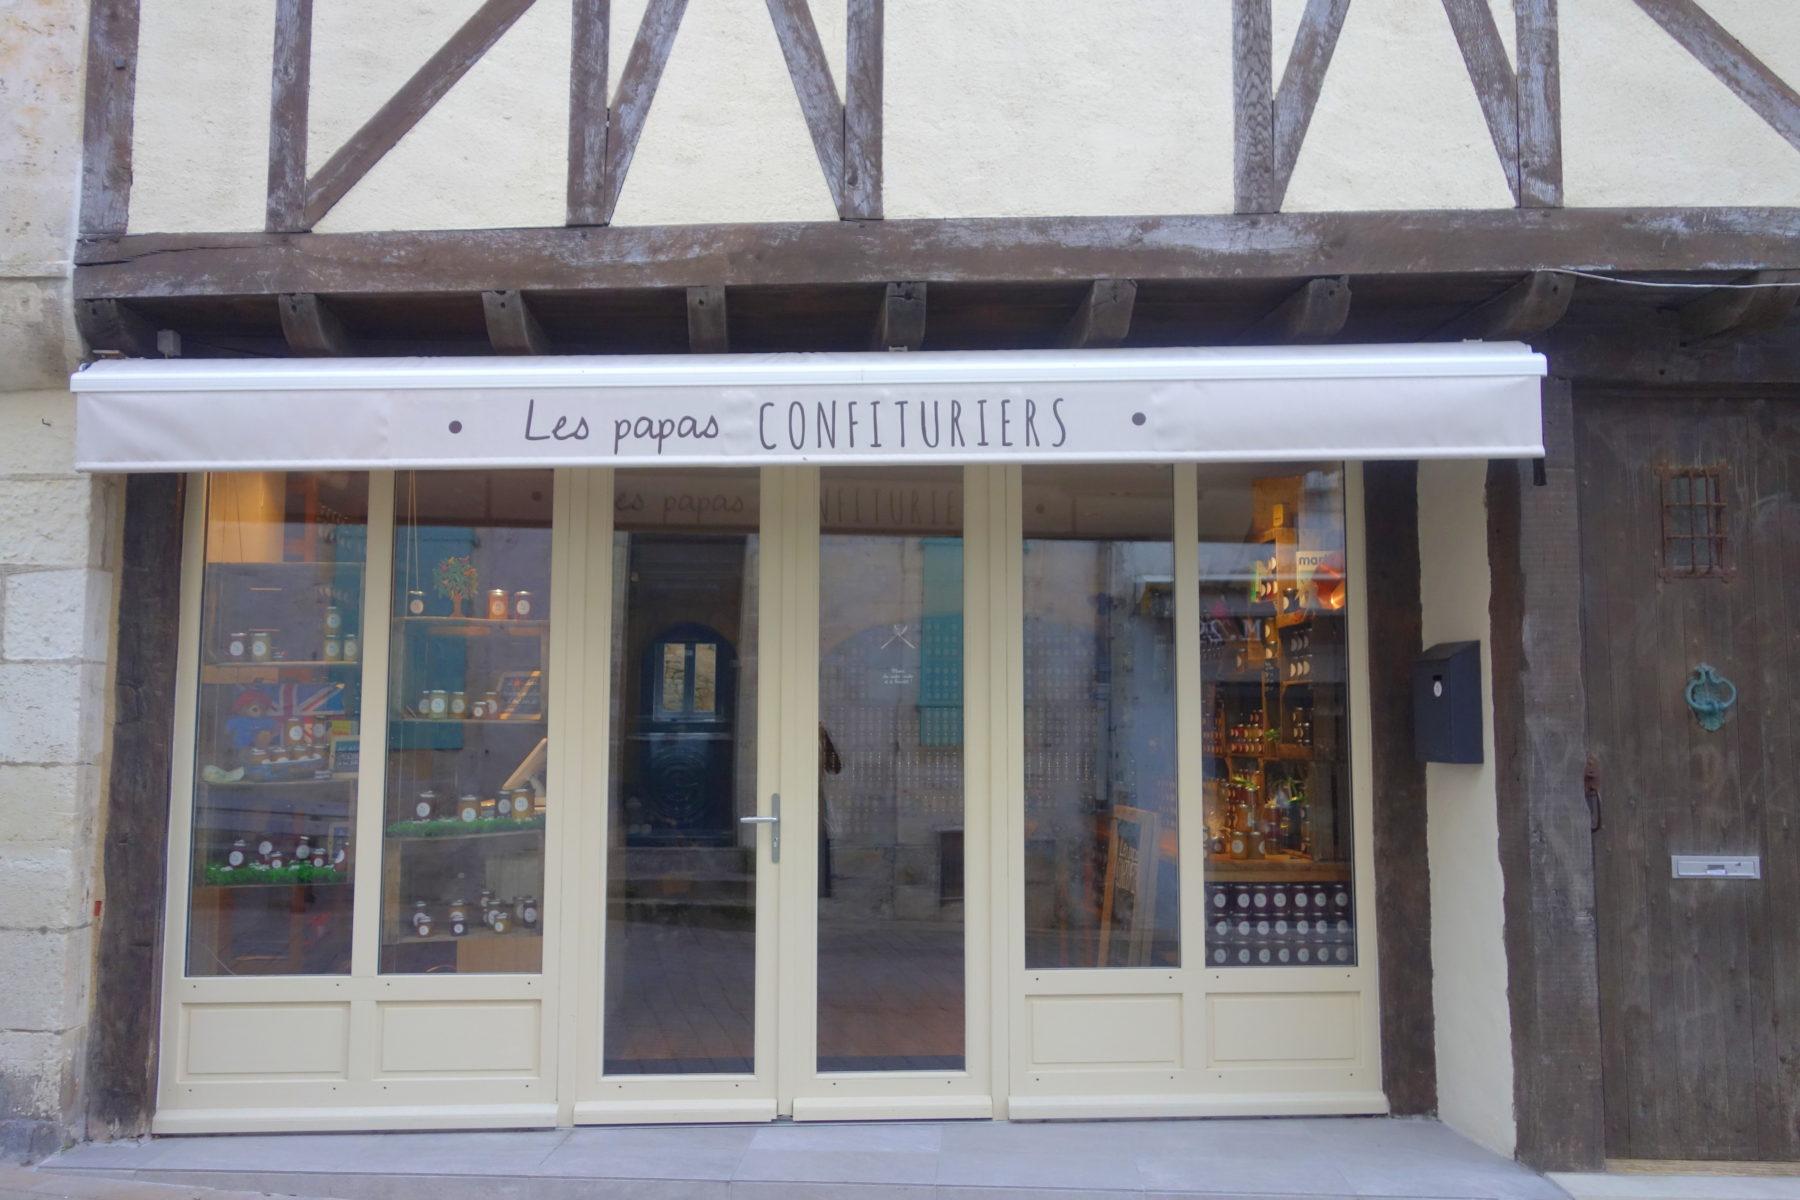 Vacances à l'île de Ré - Saint-Martin-en-Ré - Les papas confituriers